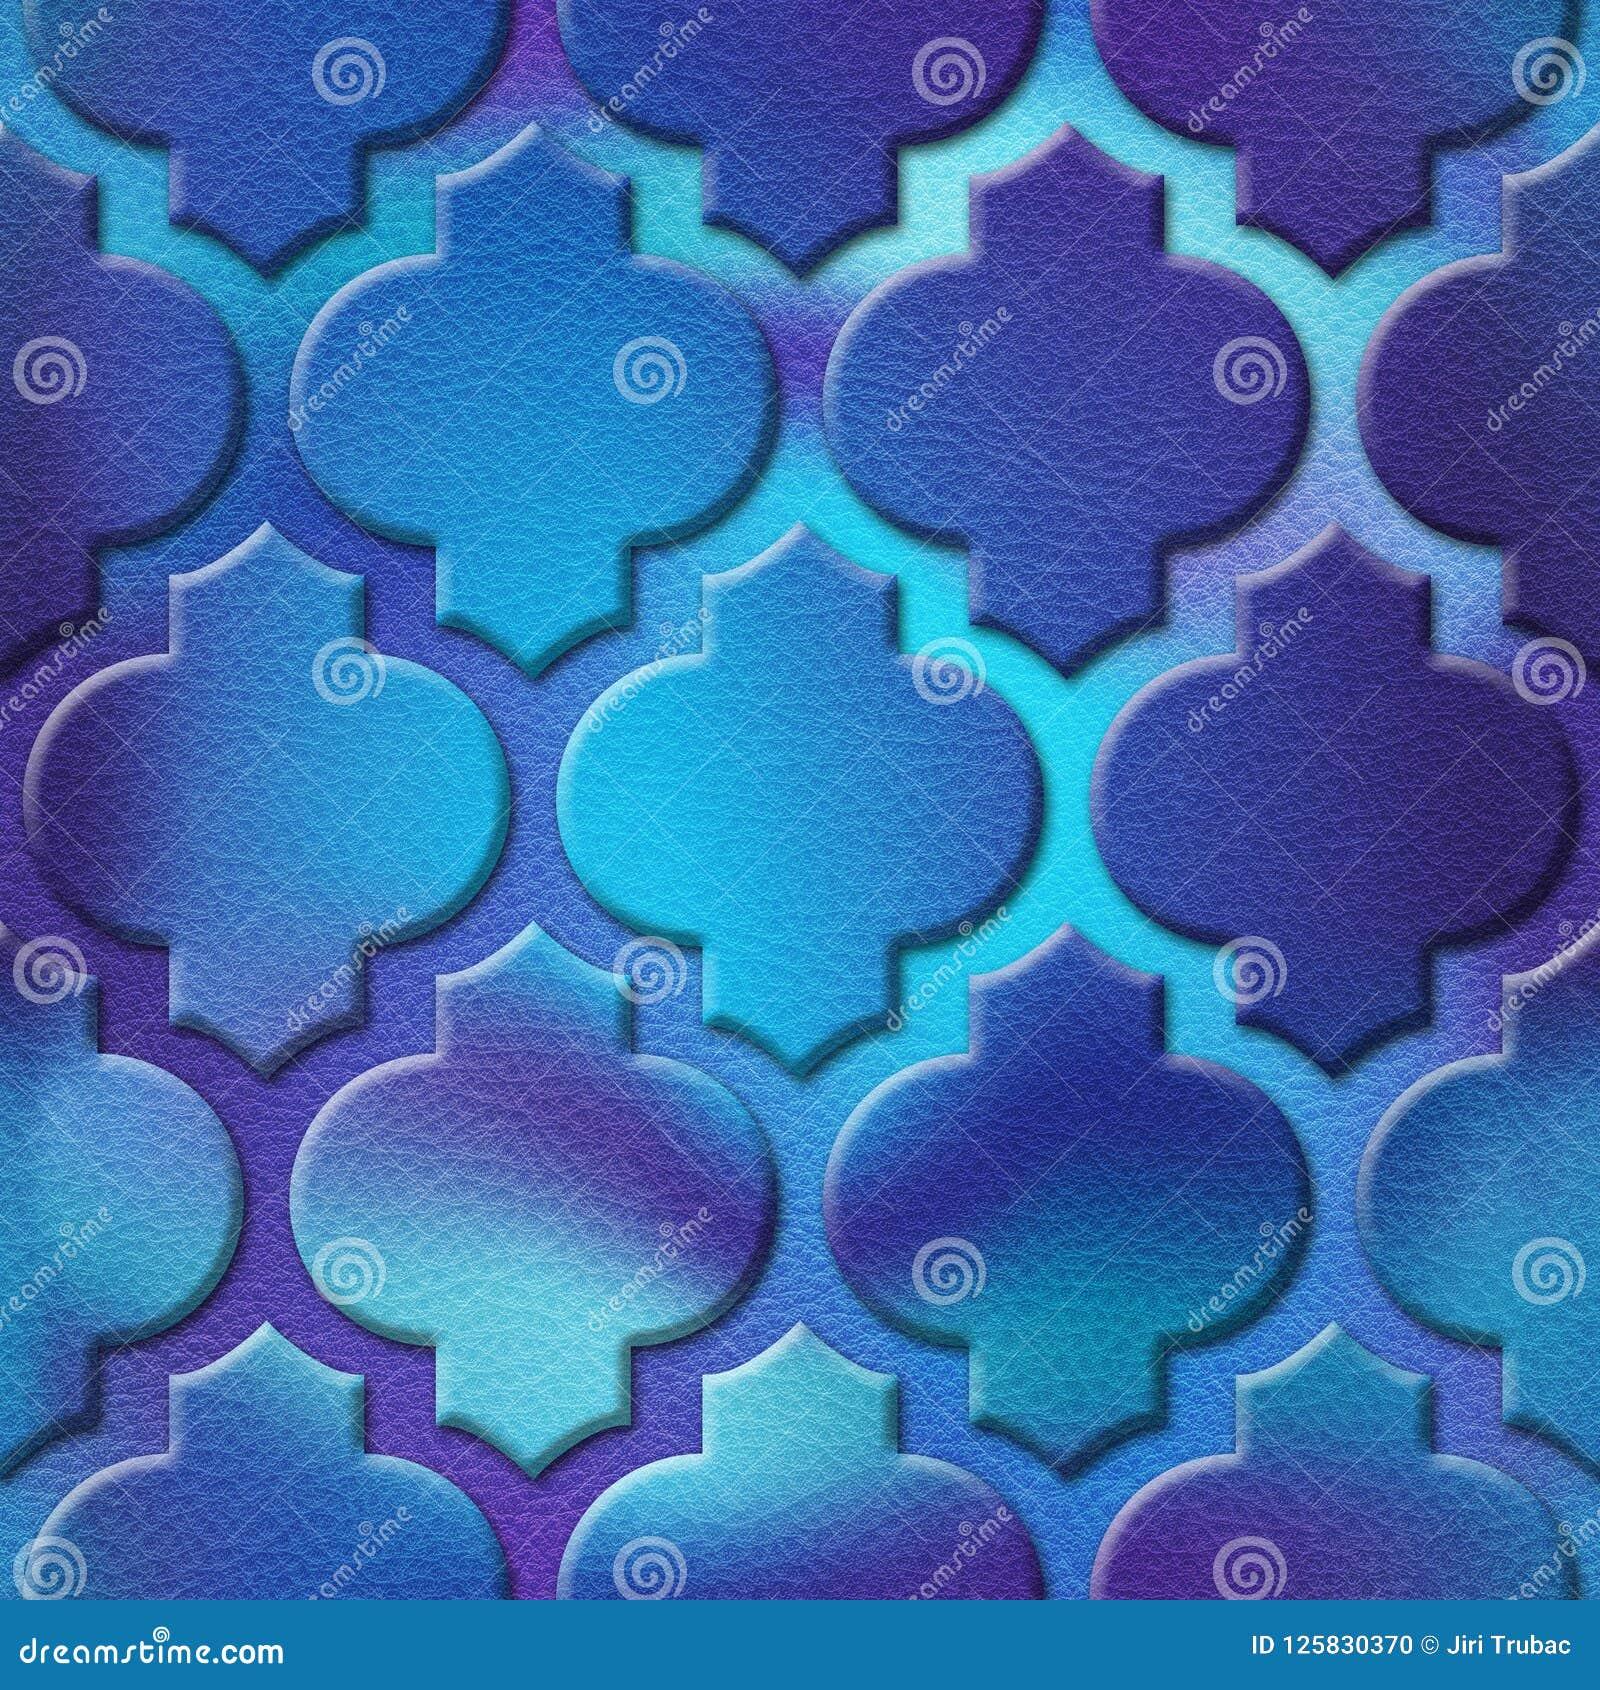 Het binnenlandse patroon van het muurpaneel - abstract decoratiemateriaal - Arabisch decor - geometrische patronen